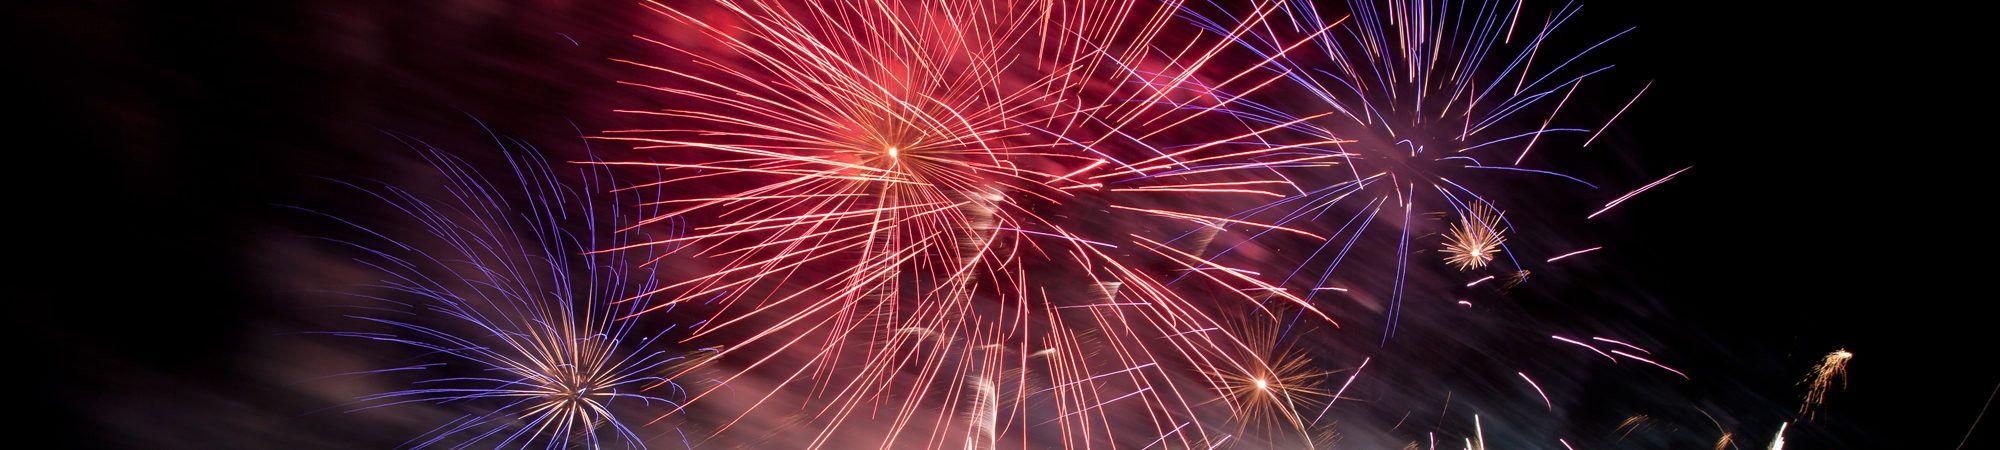 Bandeau de la page 'Spectacle pyromusical # Fin août 2018